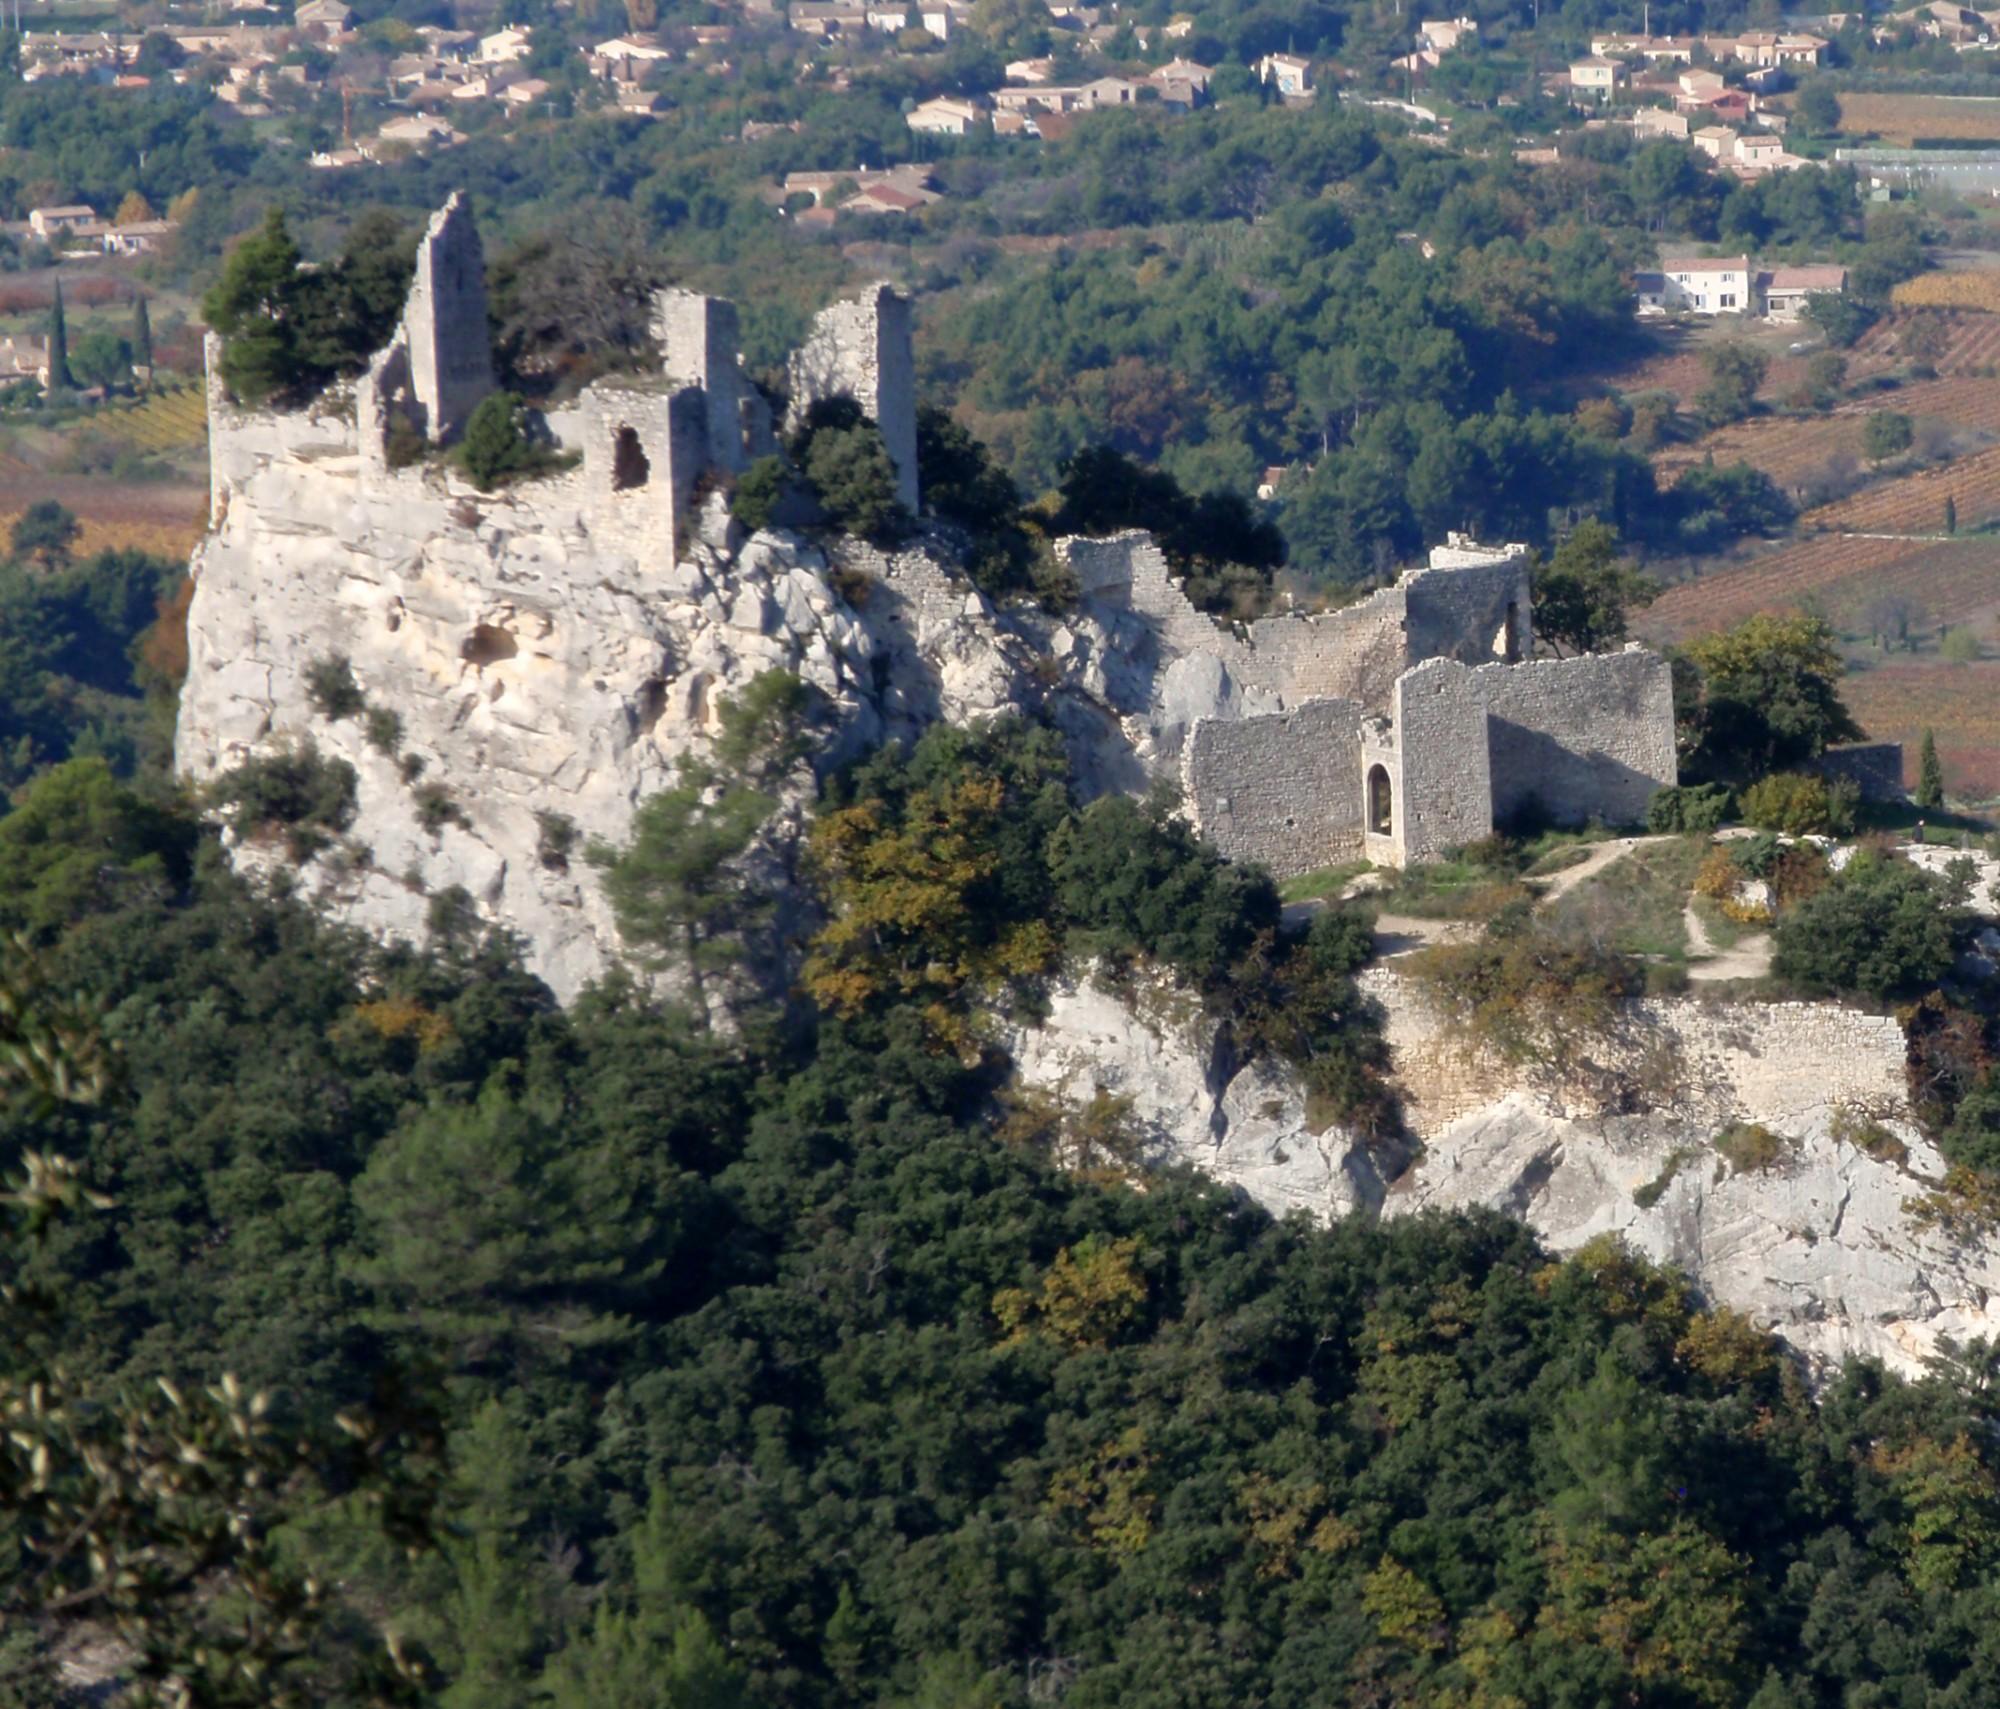 Le chateau forteresse d'Oppède-le-Vieux